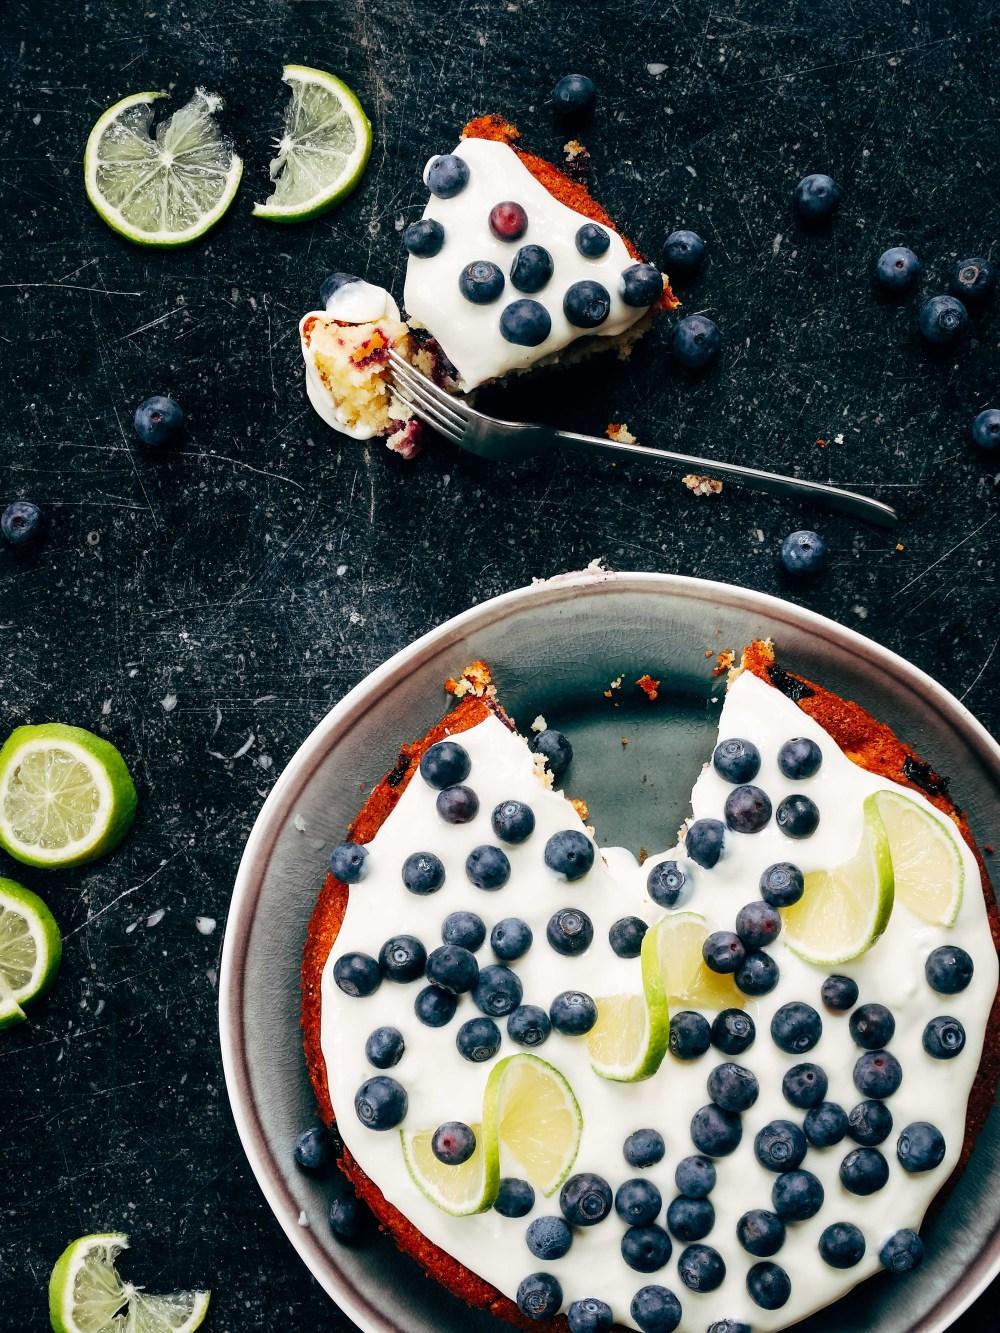 Recept van de maand #19: Blauwebessencake met limoen, marsepein en cheesecaketopping